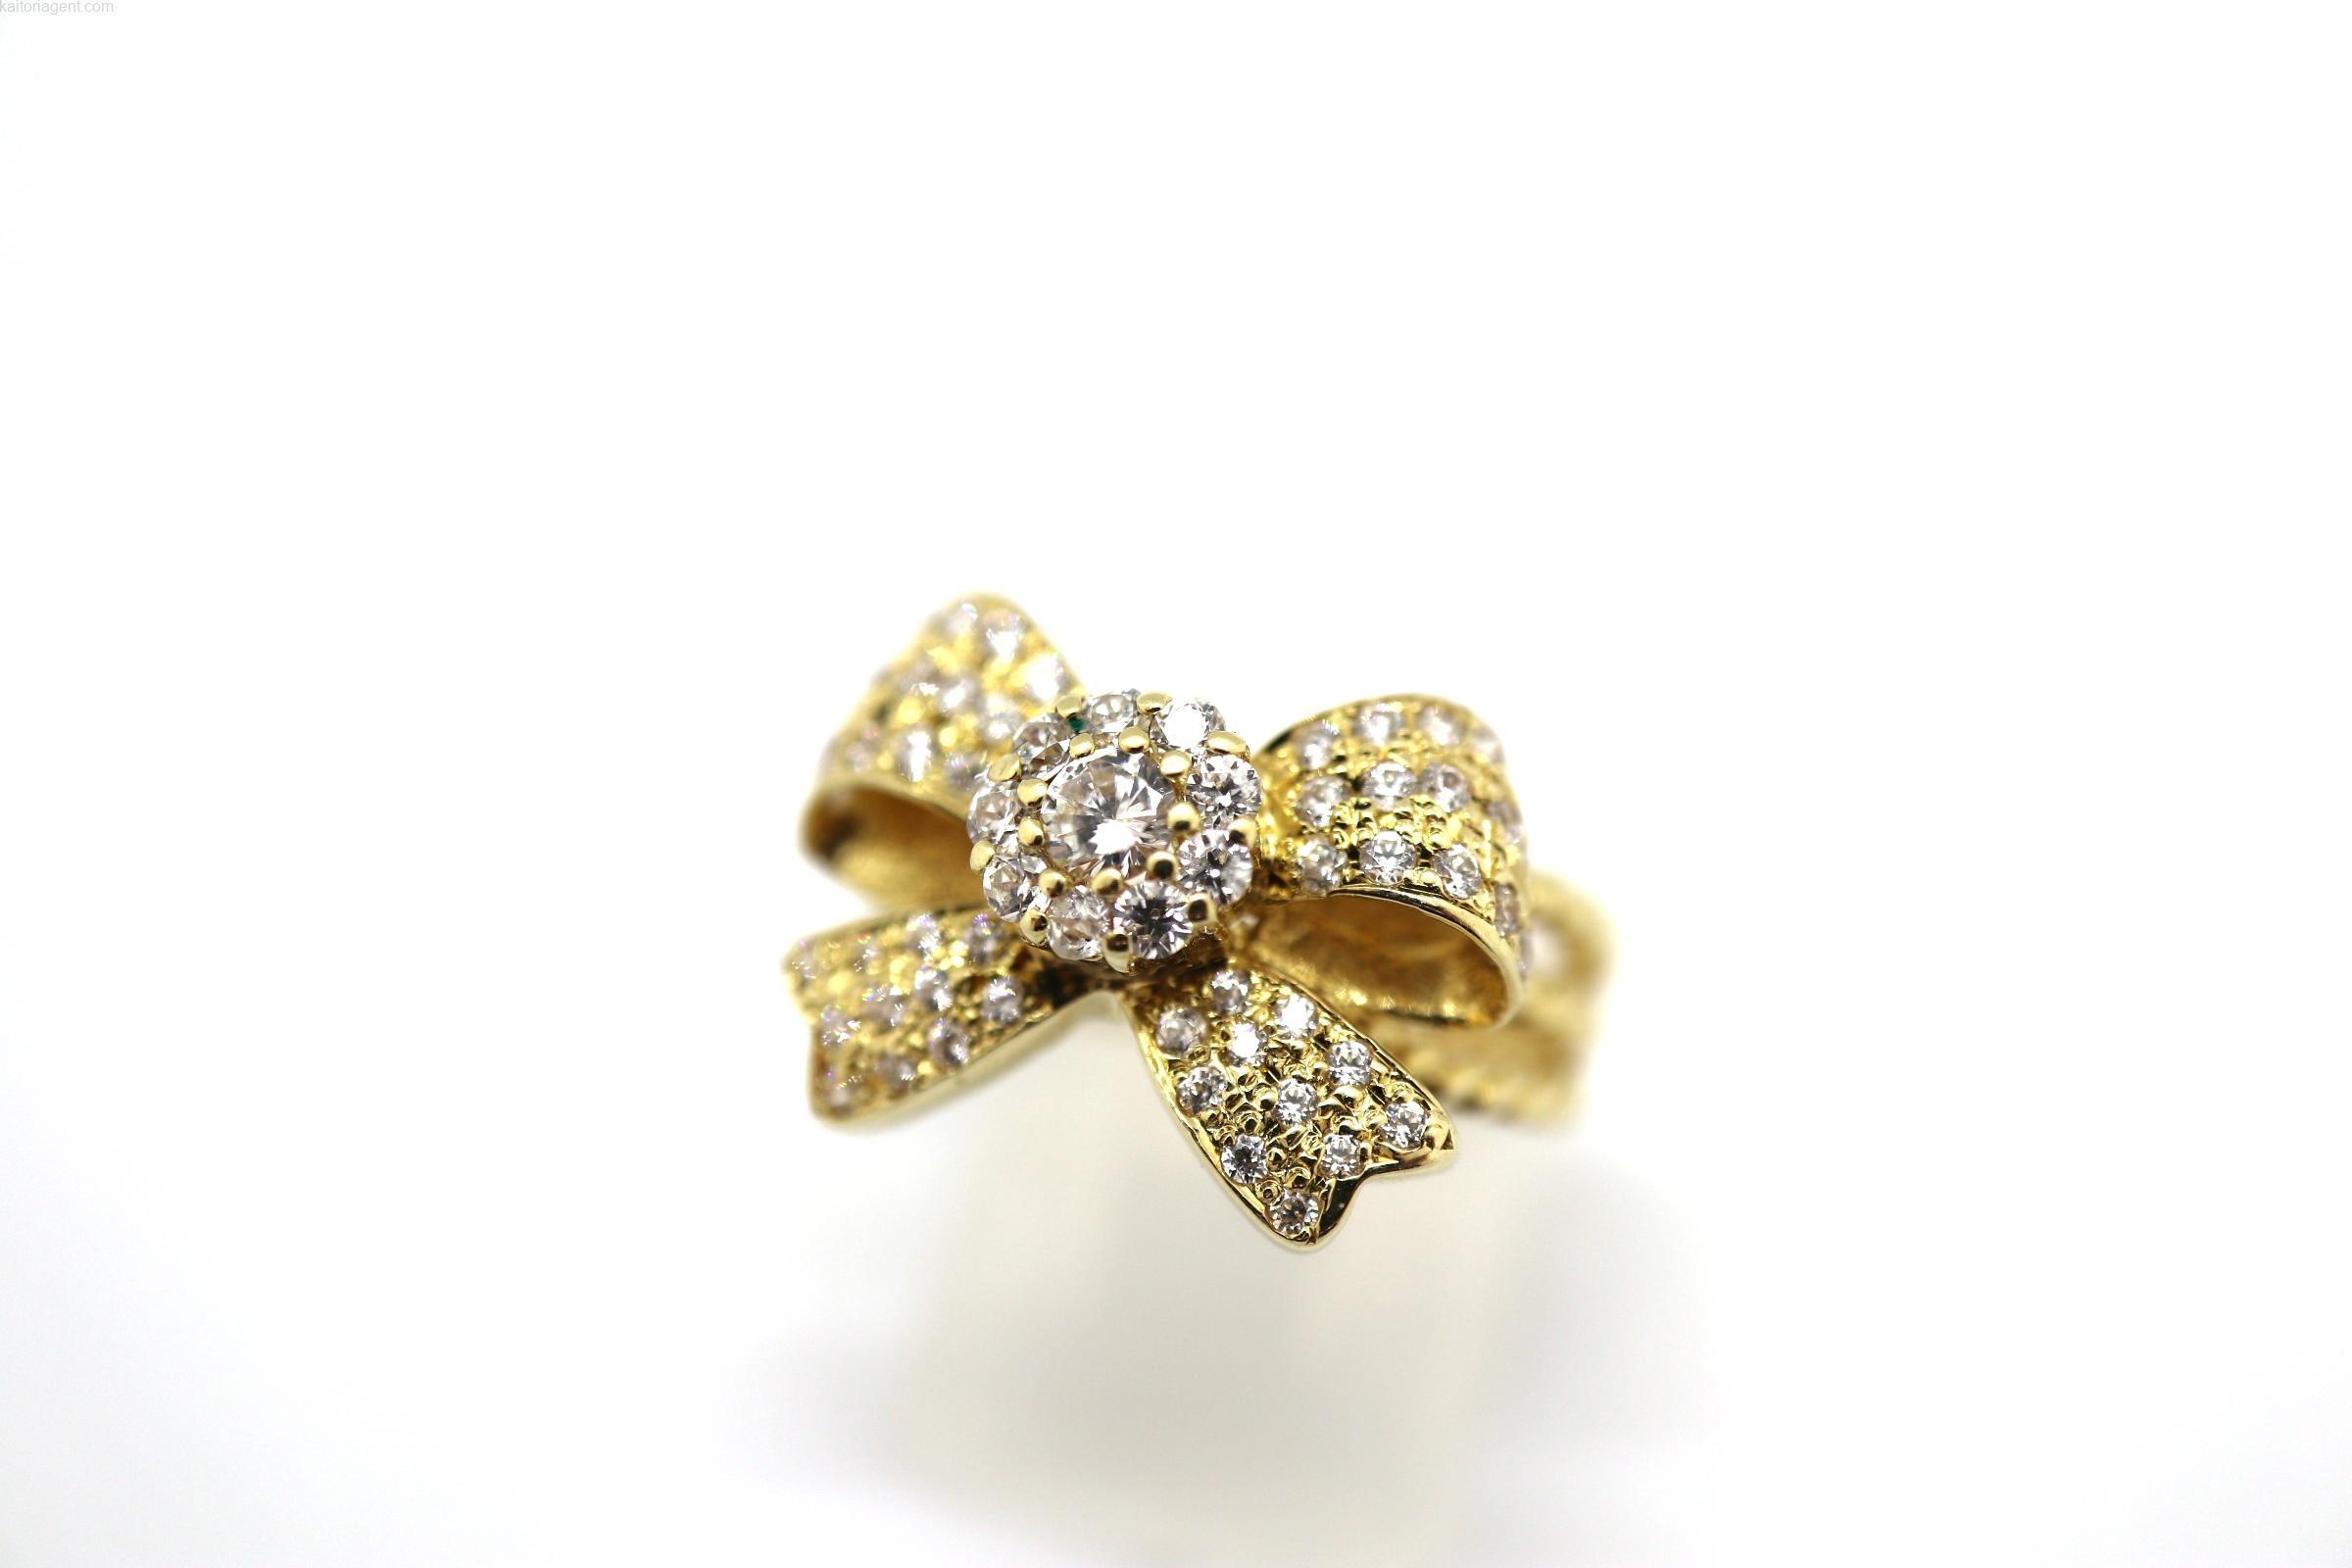 【素材】18金  【主石】ダイヤモンド 【形状】リングの画像